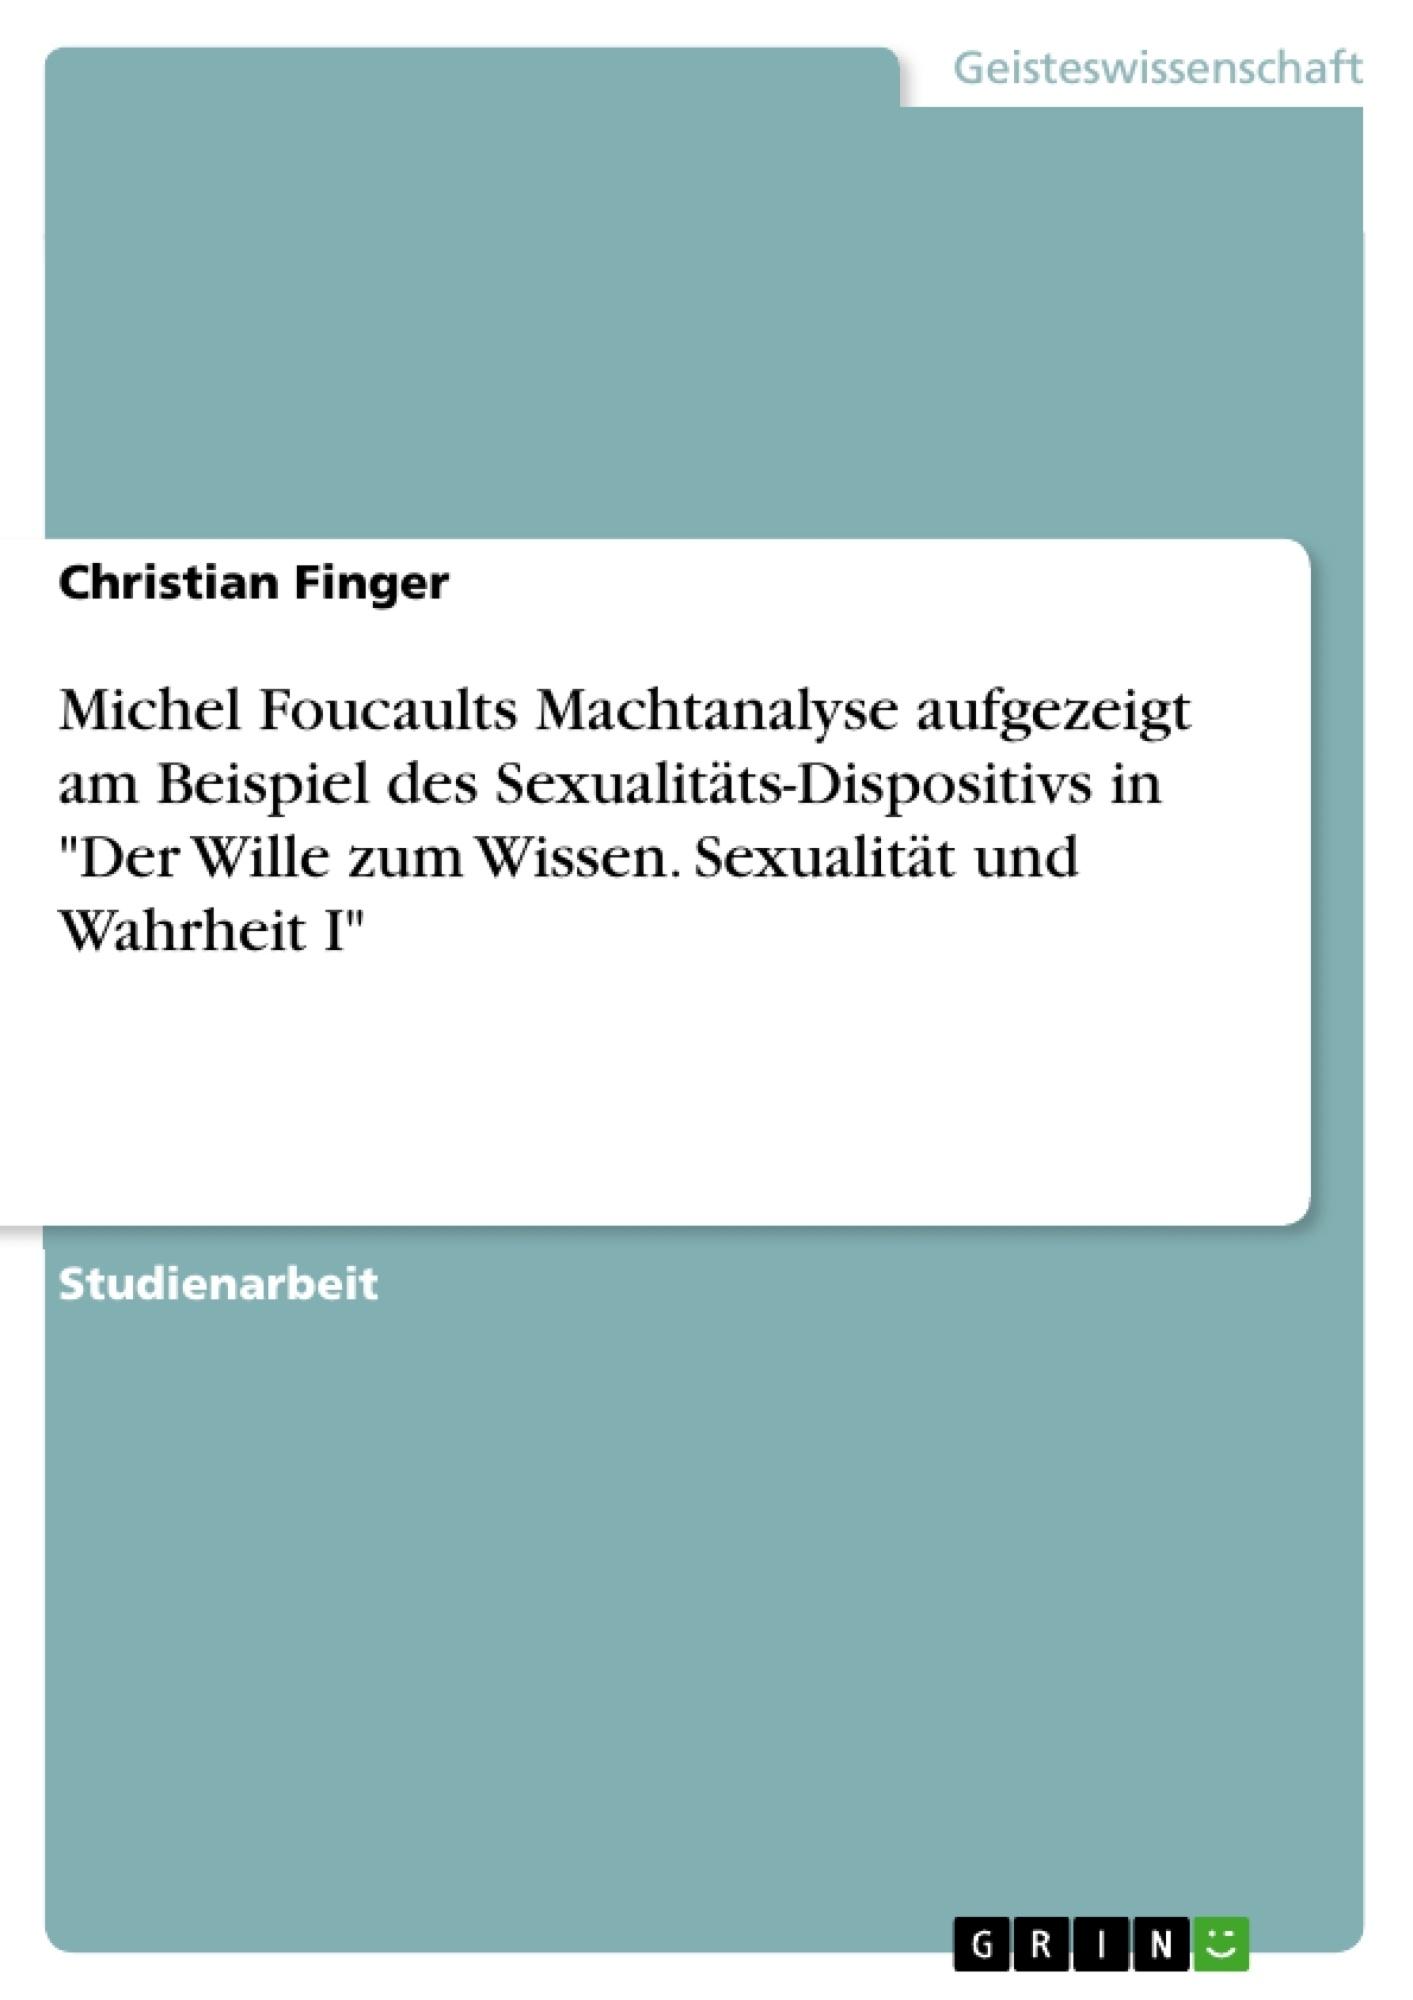 """Titel: Michel Foucaults Machtanalyse aufgezeigt am Beispiel des Sexualitäts-Dispositivs in """"Der Wille zum Wissen. Sexualität und Wahrheit I"""""""